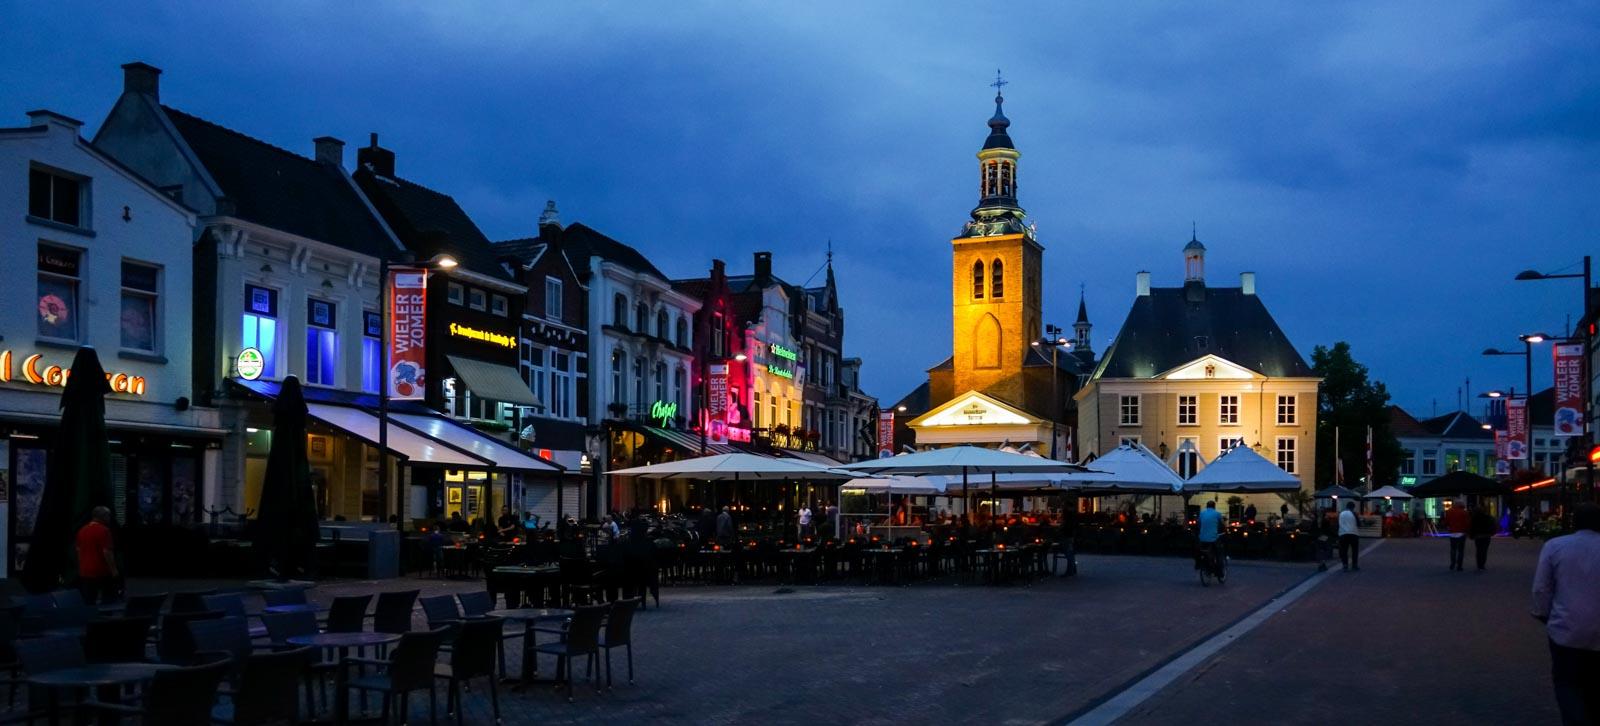 Sfeerfoto gemaakt voor Stichting Promotie Winkelstad Roosendaal